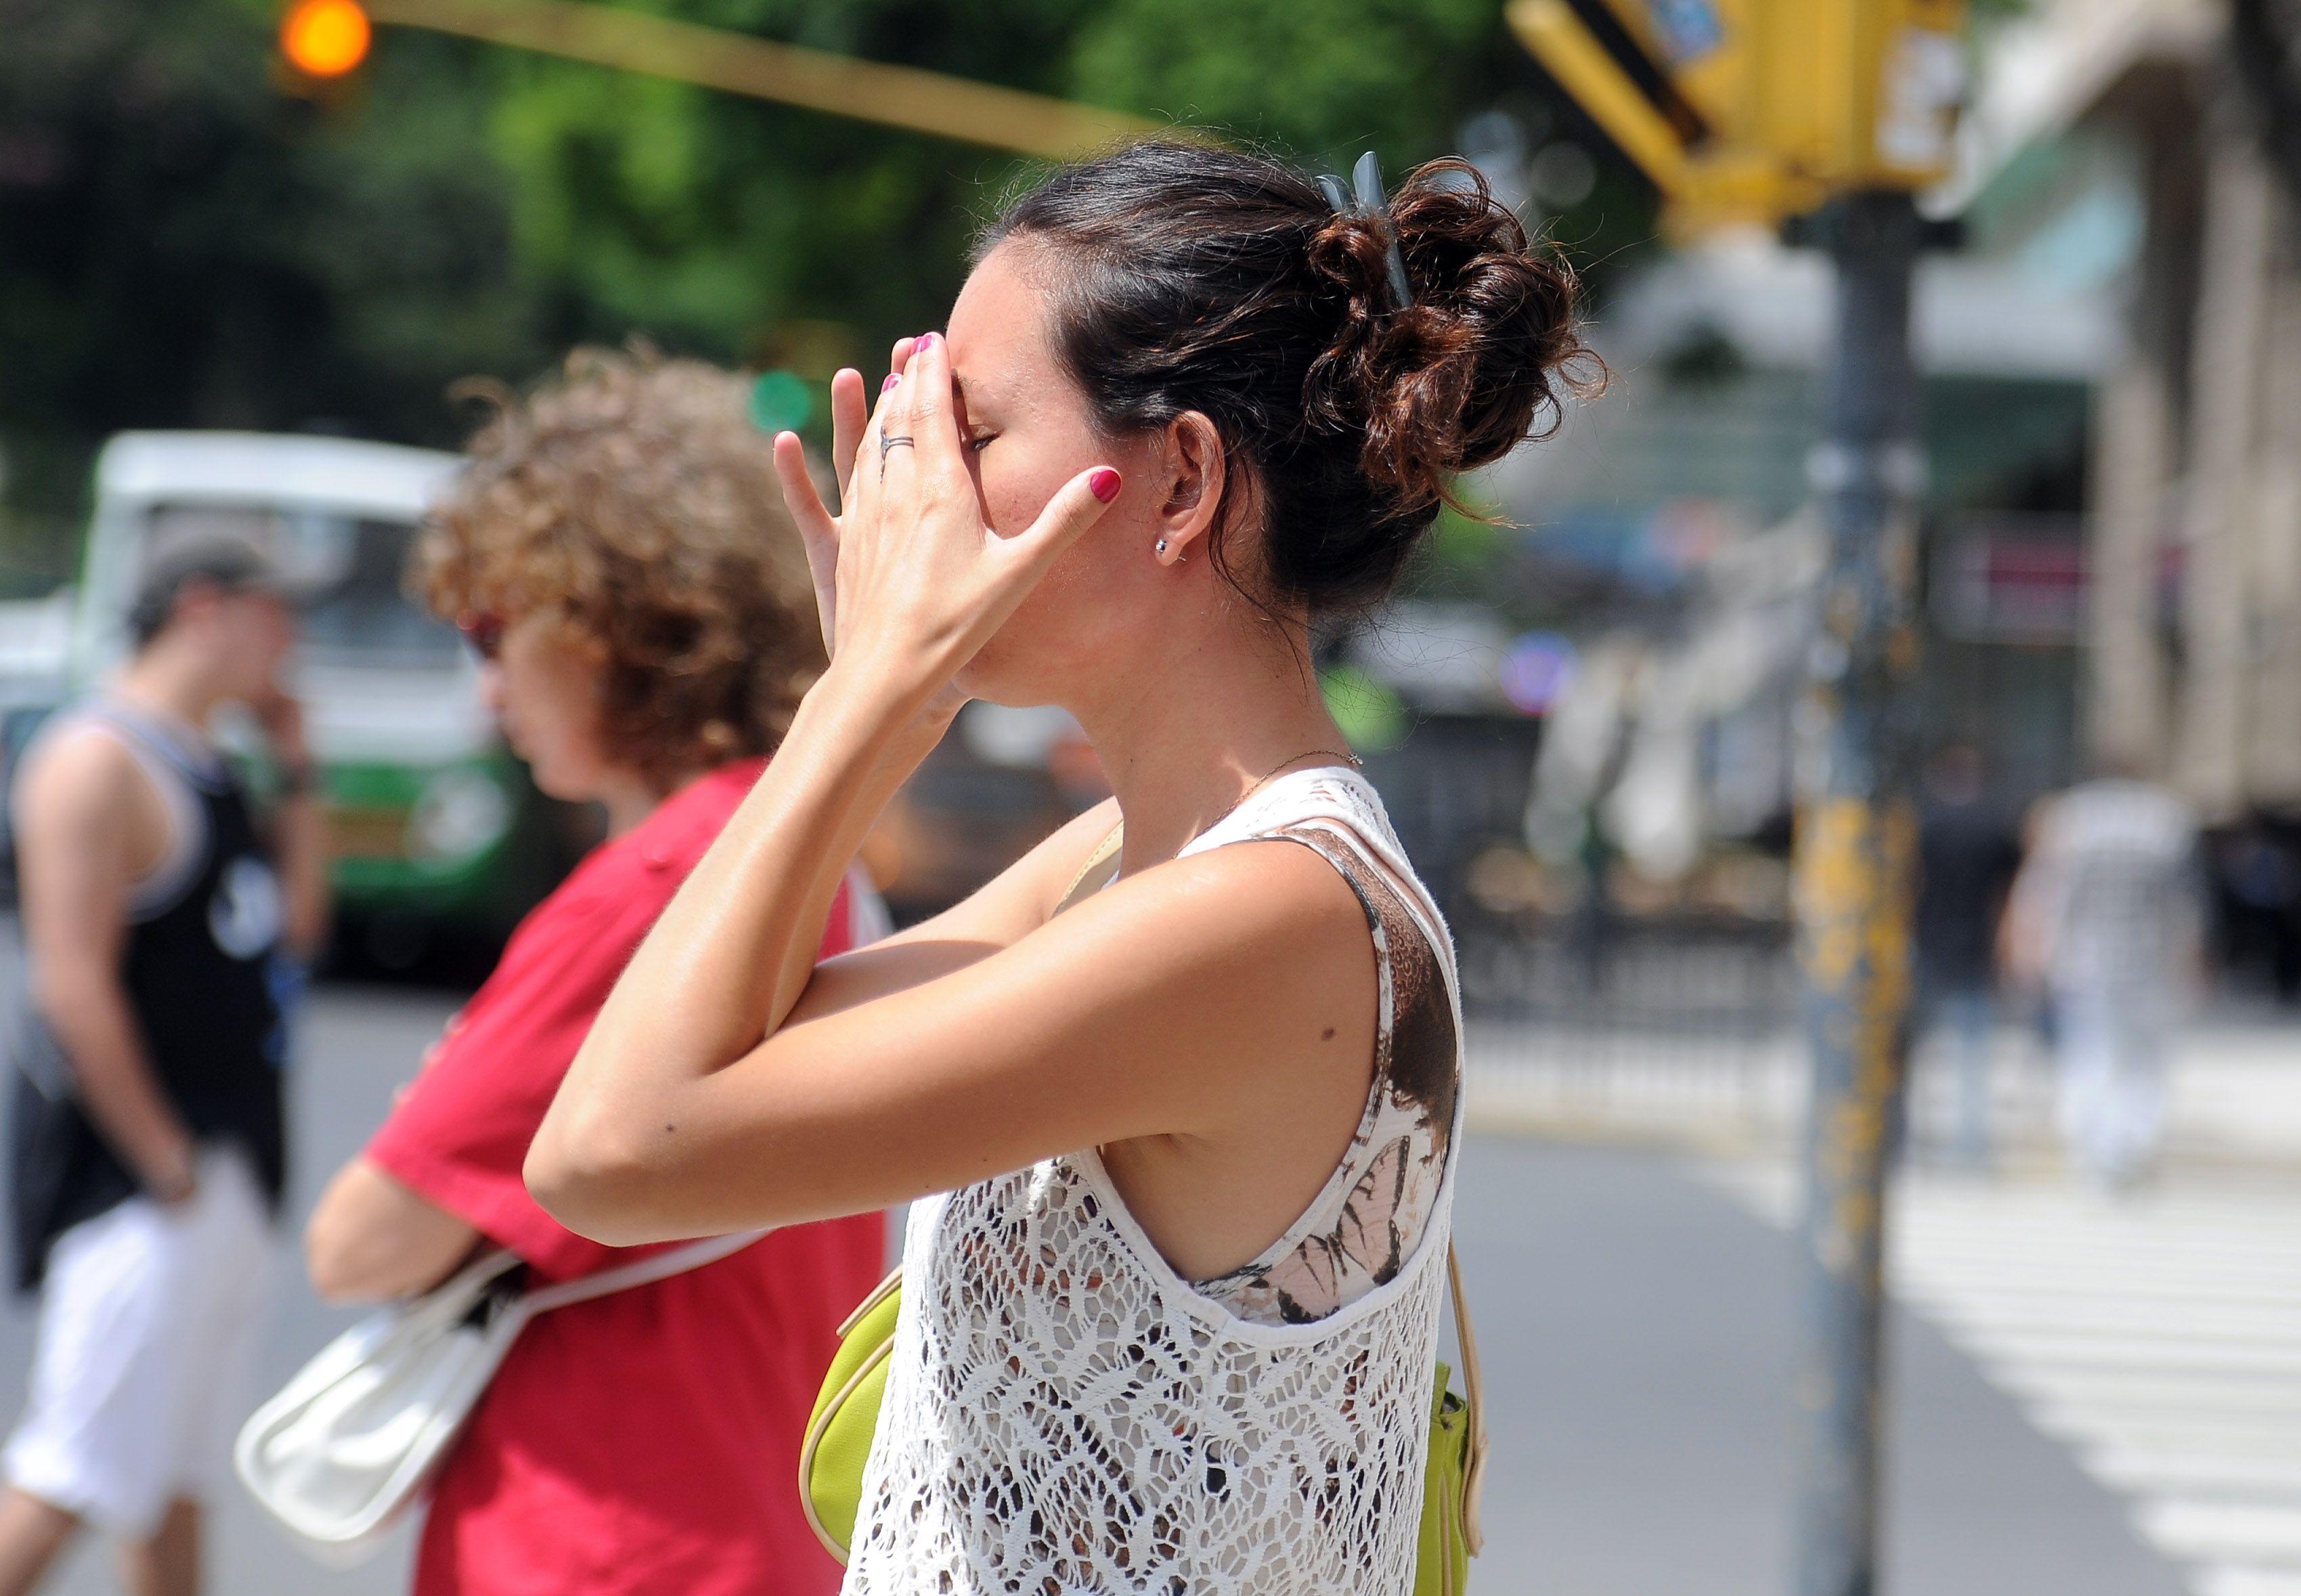 El calor no da tregua y siguen las altas temperaturas en casi todo el país